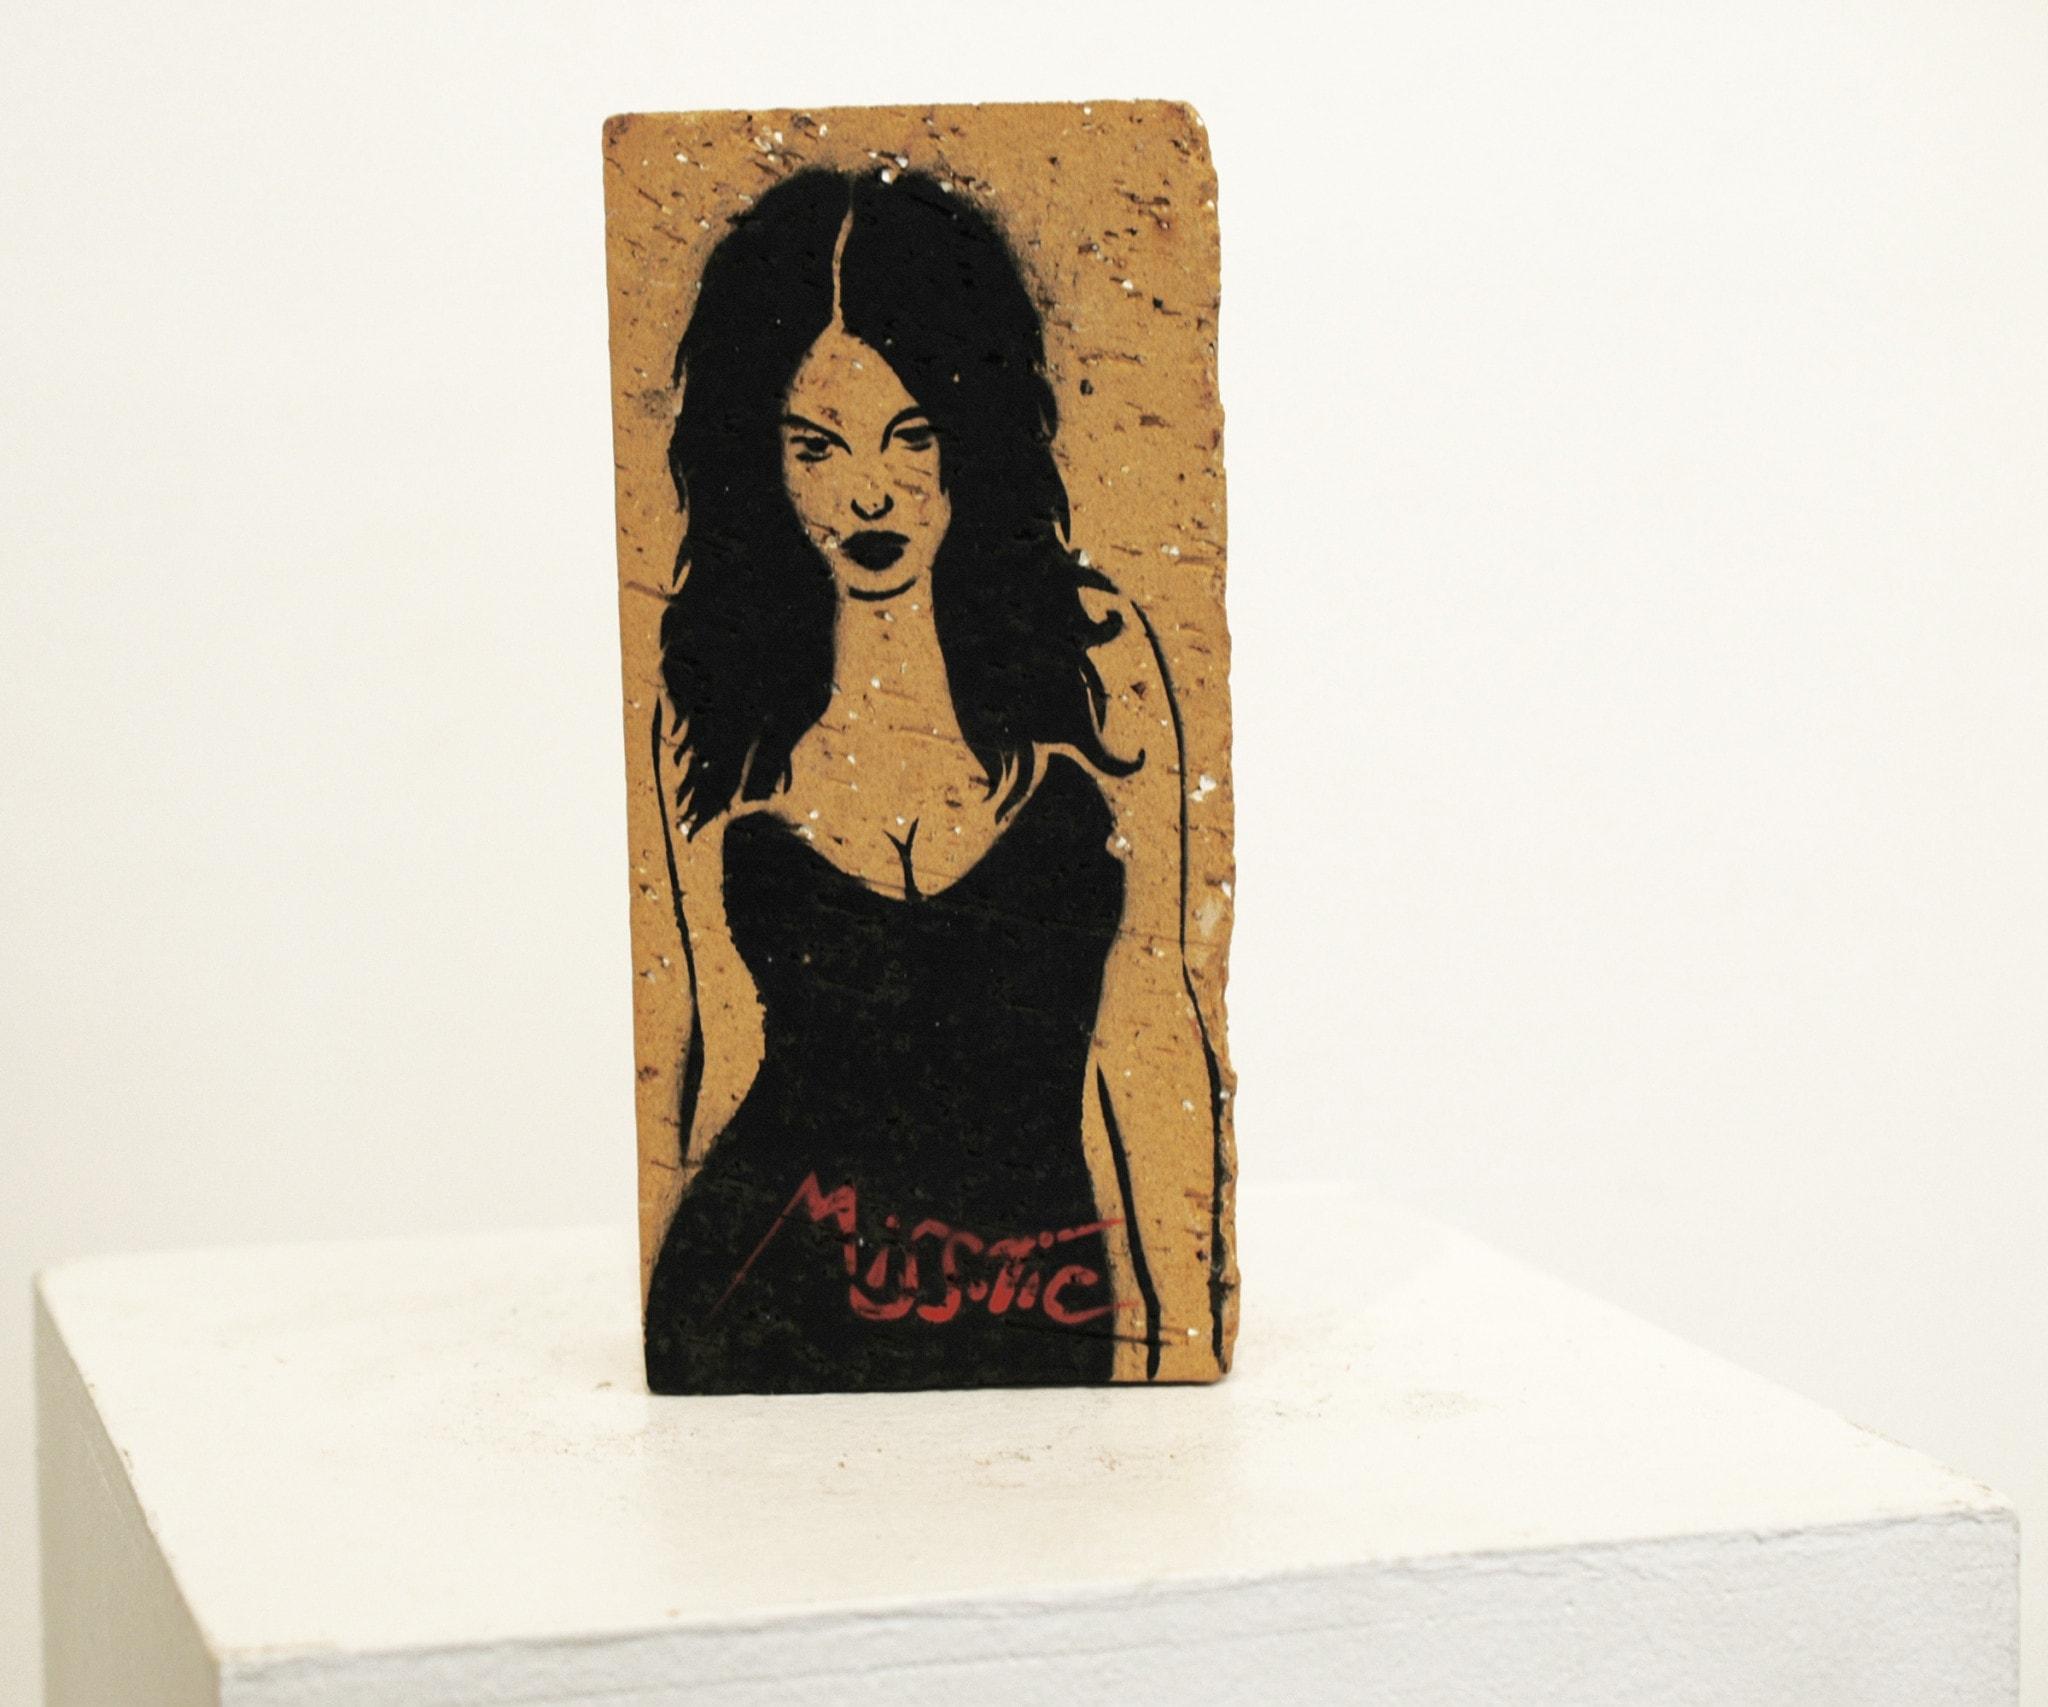 Galerie Art Jingle MISS.TIC Trouver Un Avenir Au Futur (Réf. 6) 22 cm x 10.5 cm x 5.5 cm 2020 Devant n6